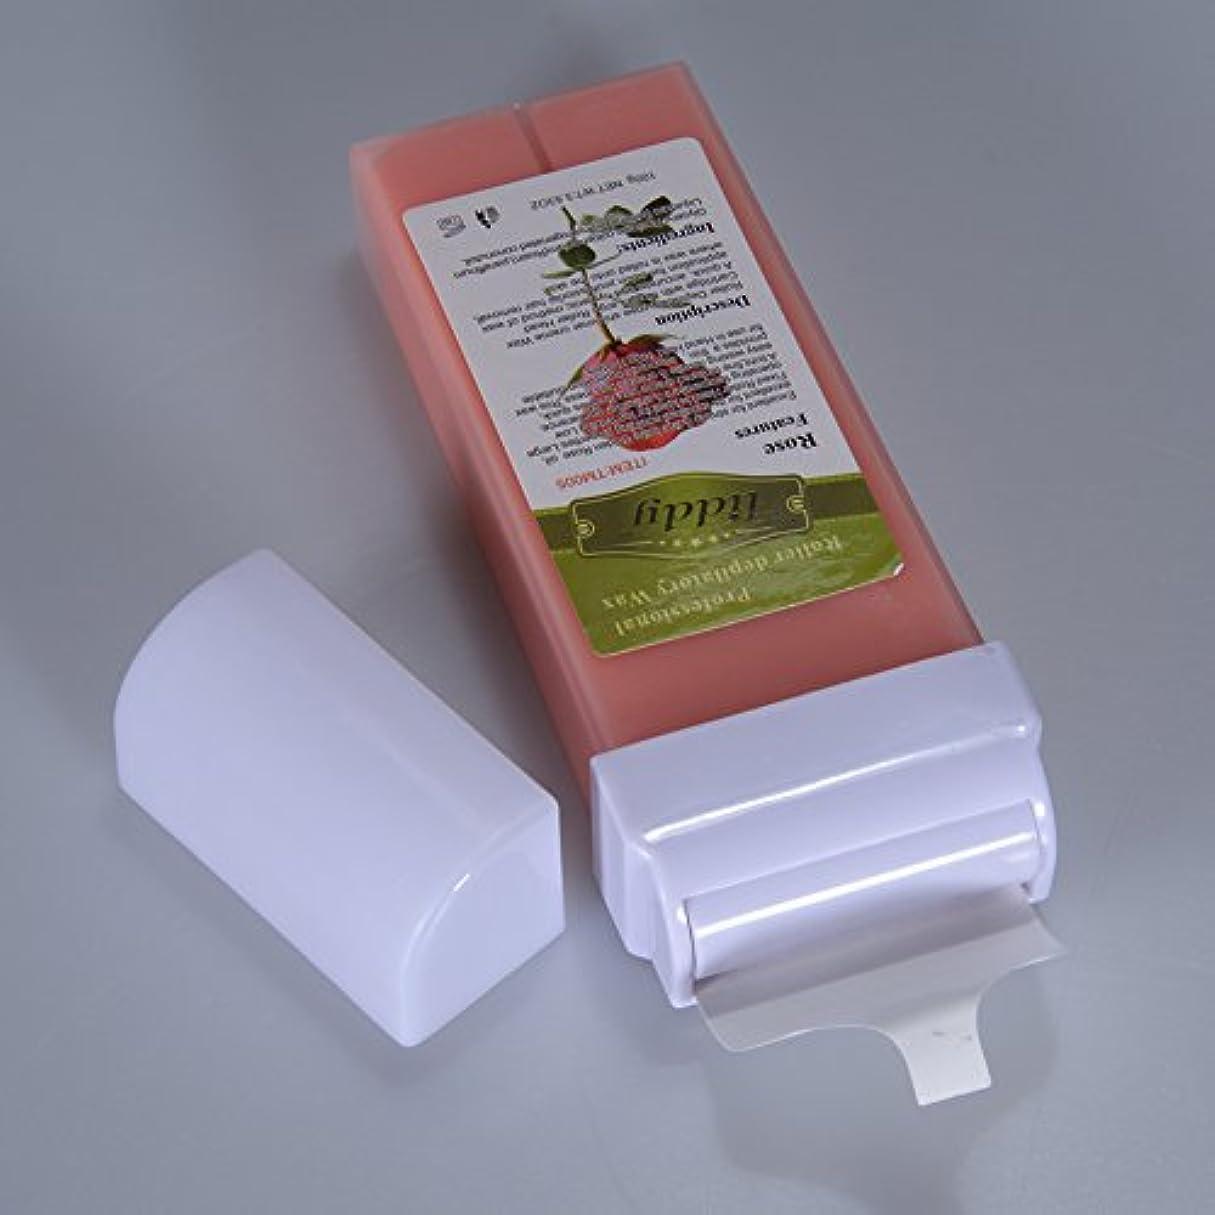 寄生虫洪水バイナリMetermall 脱毛プロフェッショナル使用水溶性脱毛砂糖ワックスカートリッジワックスグッドスメル - 100g / 3.53oz 100g rose